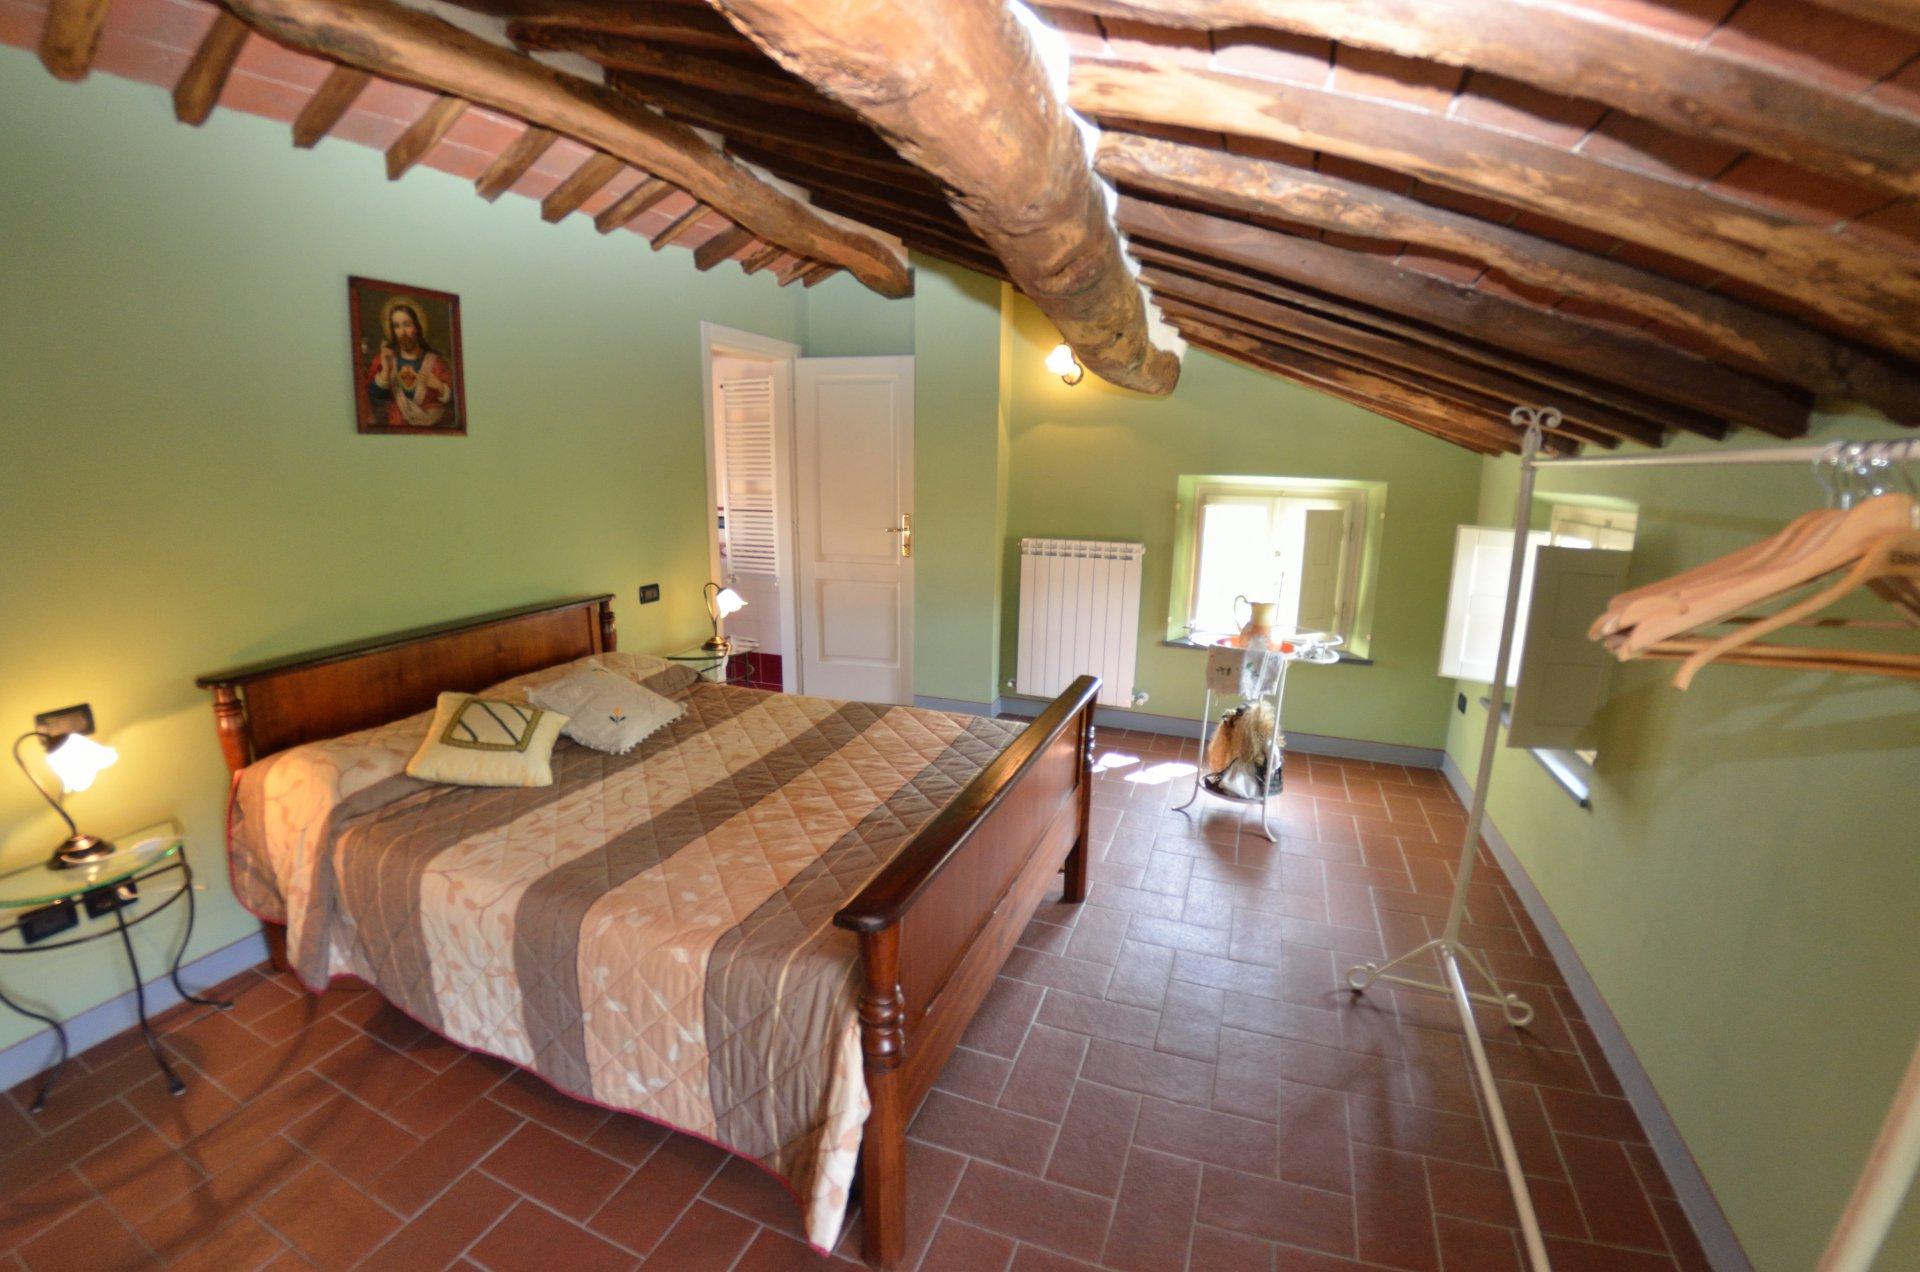 ITALIE, TOSCANE, COLLE DI COMPITO, COTTAGE 5 PERSONNES